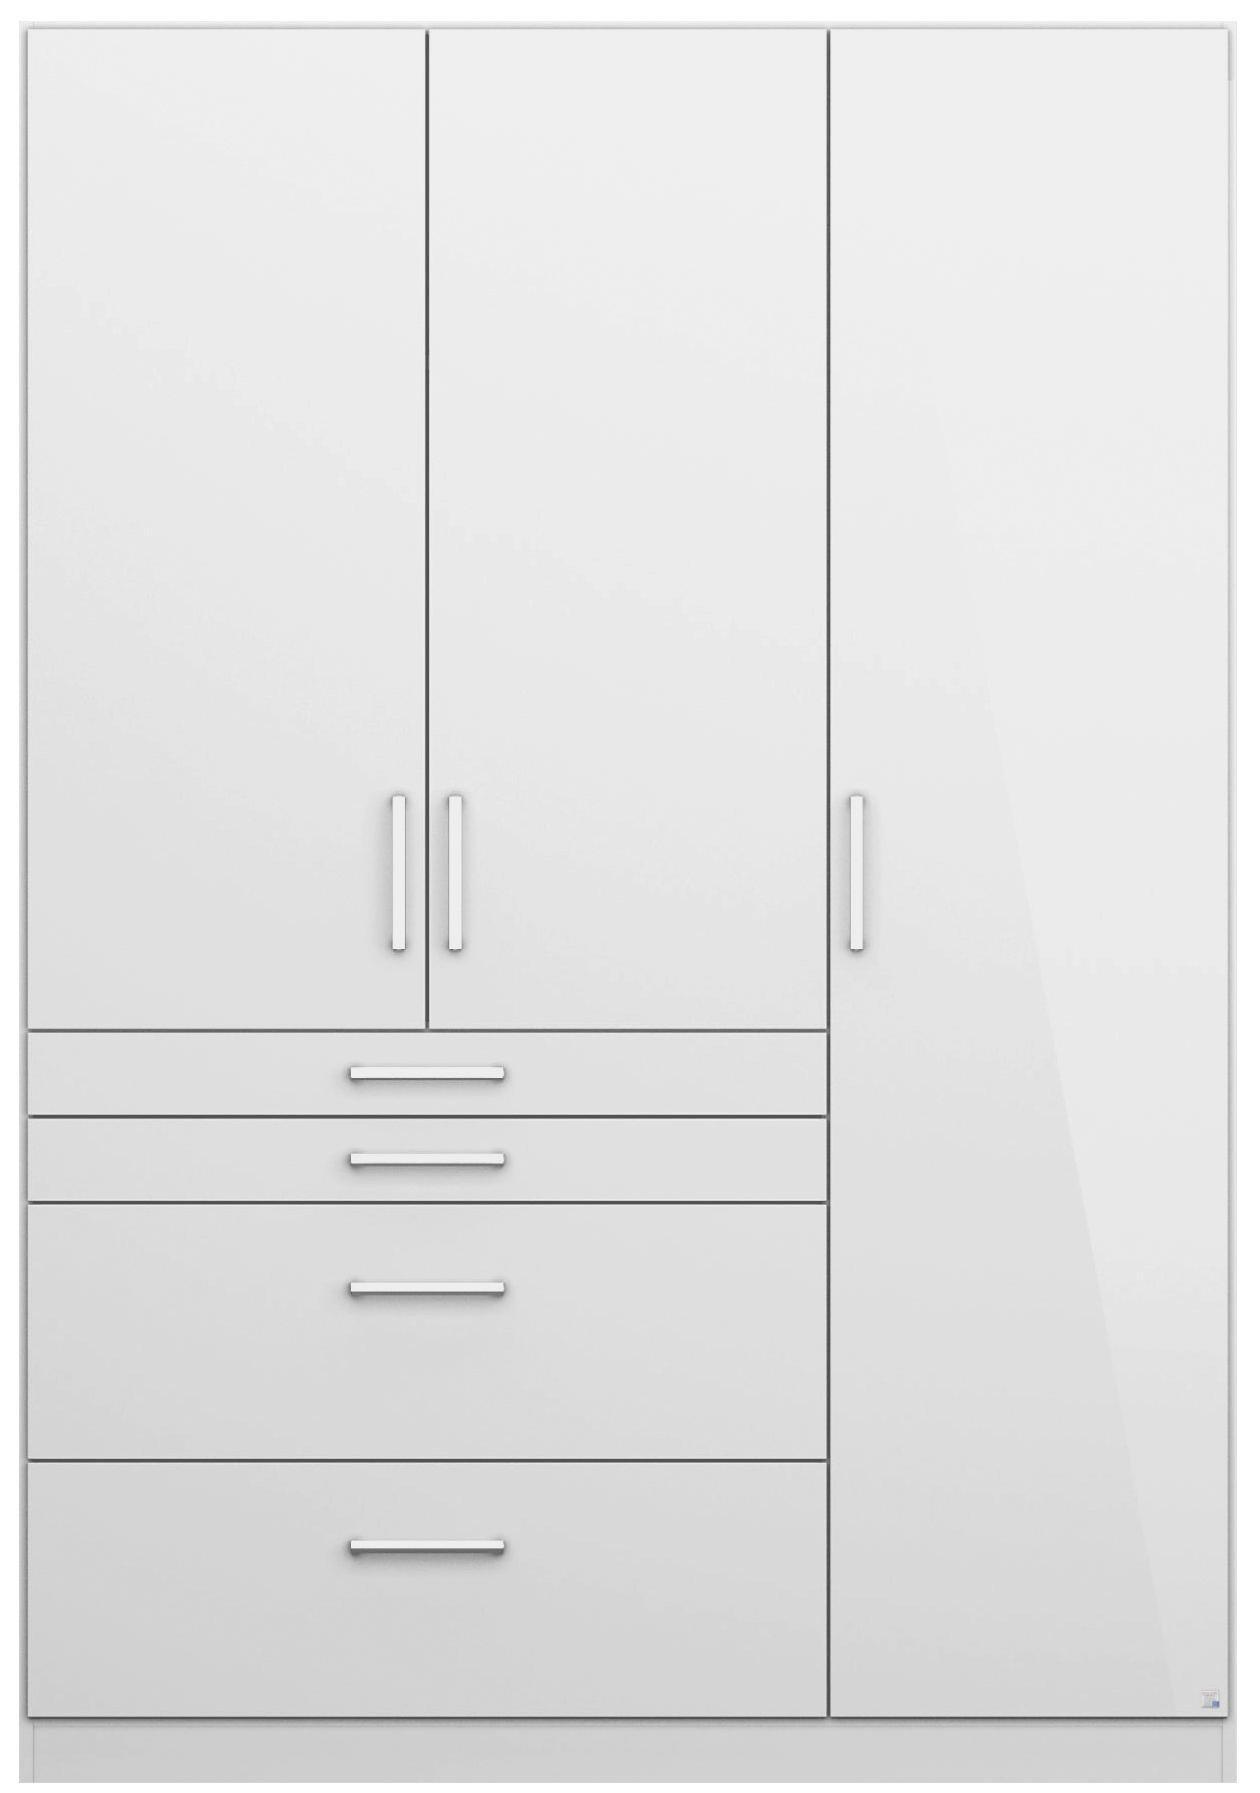 Drehtürenschrank in Weiß Hochglanz mit 3 Türen - Alufarben, MODERN, Holzwerkstoff/Kunststoff (136/197/54cm) - MODERN LIVING